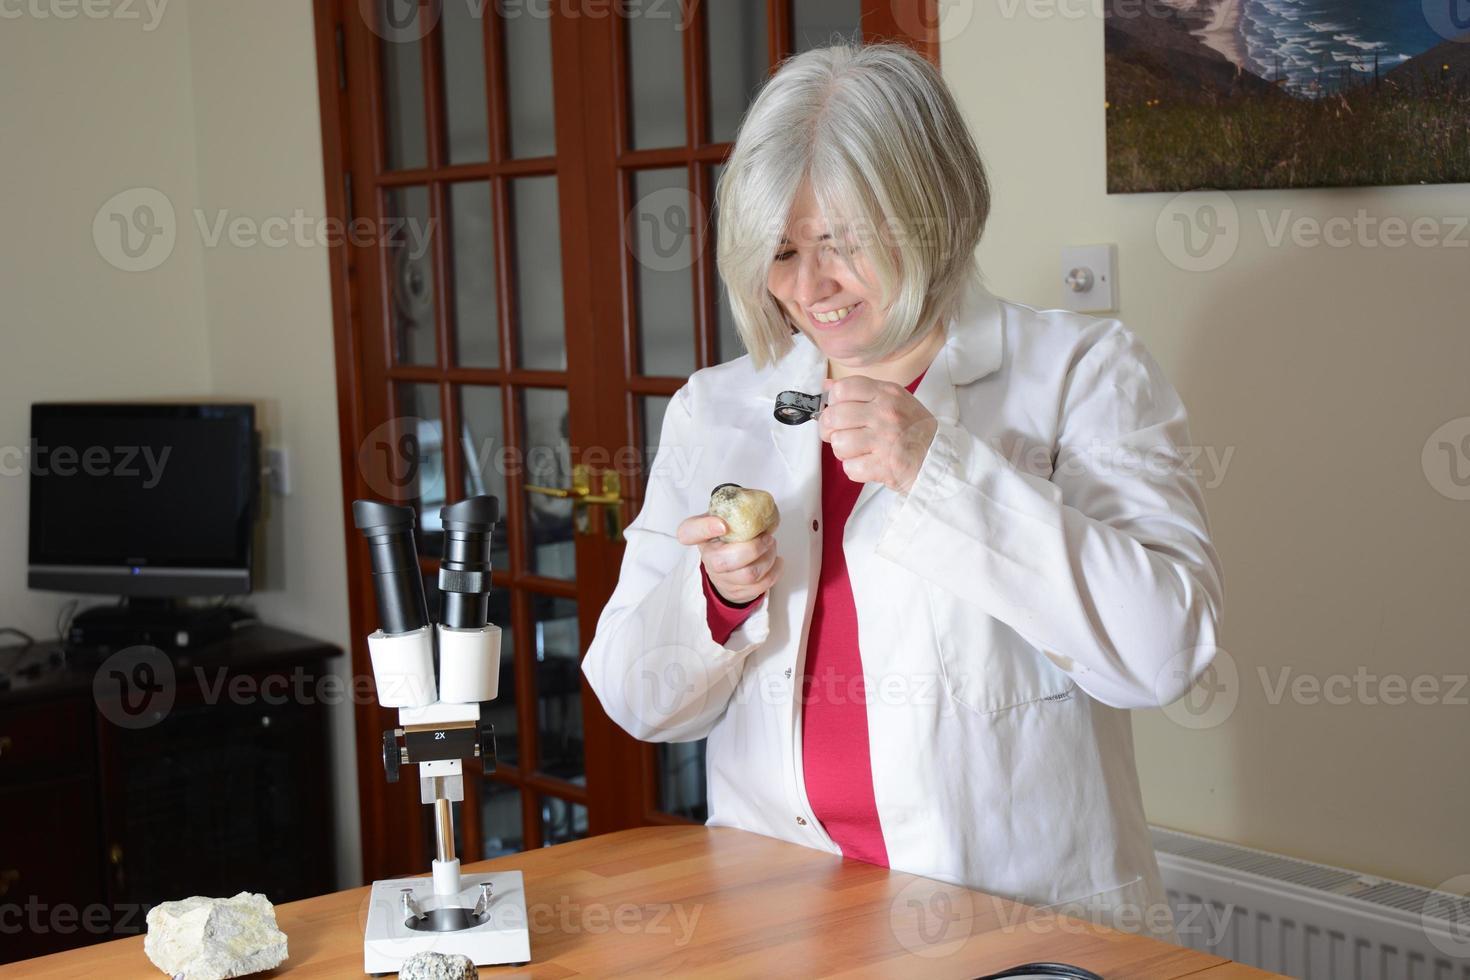 vrouwelijke wetenschapper die bij een rots glimlacht foto